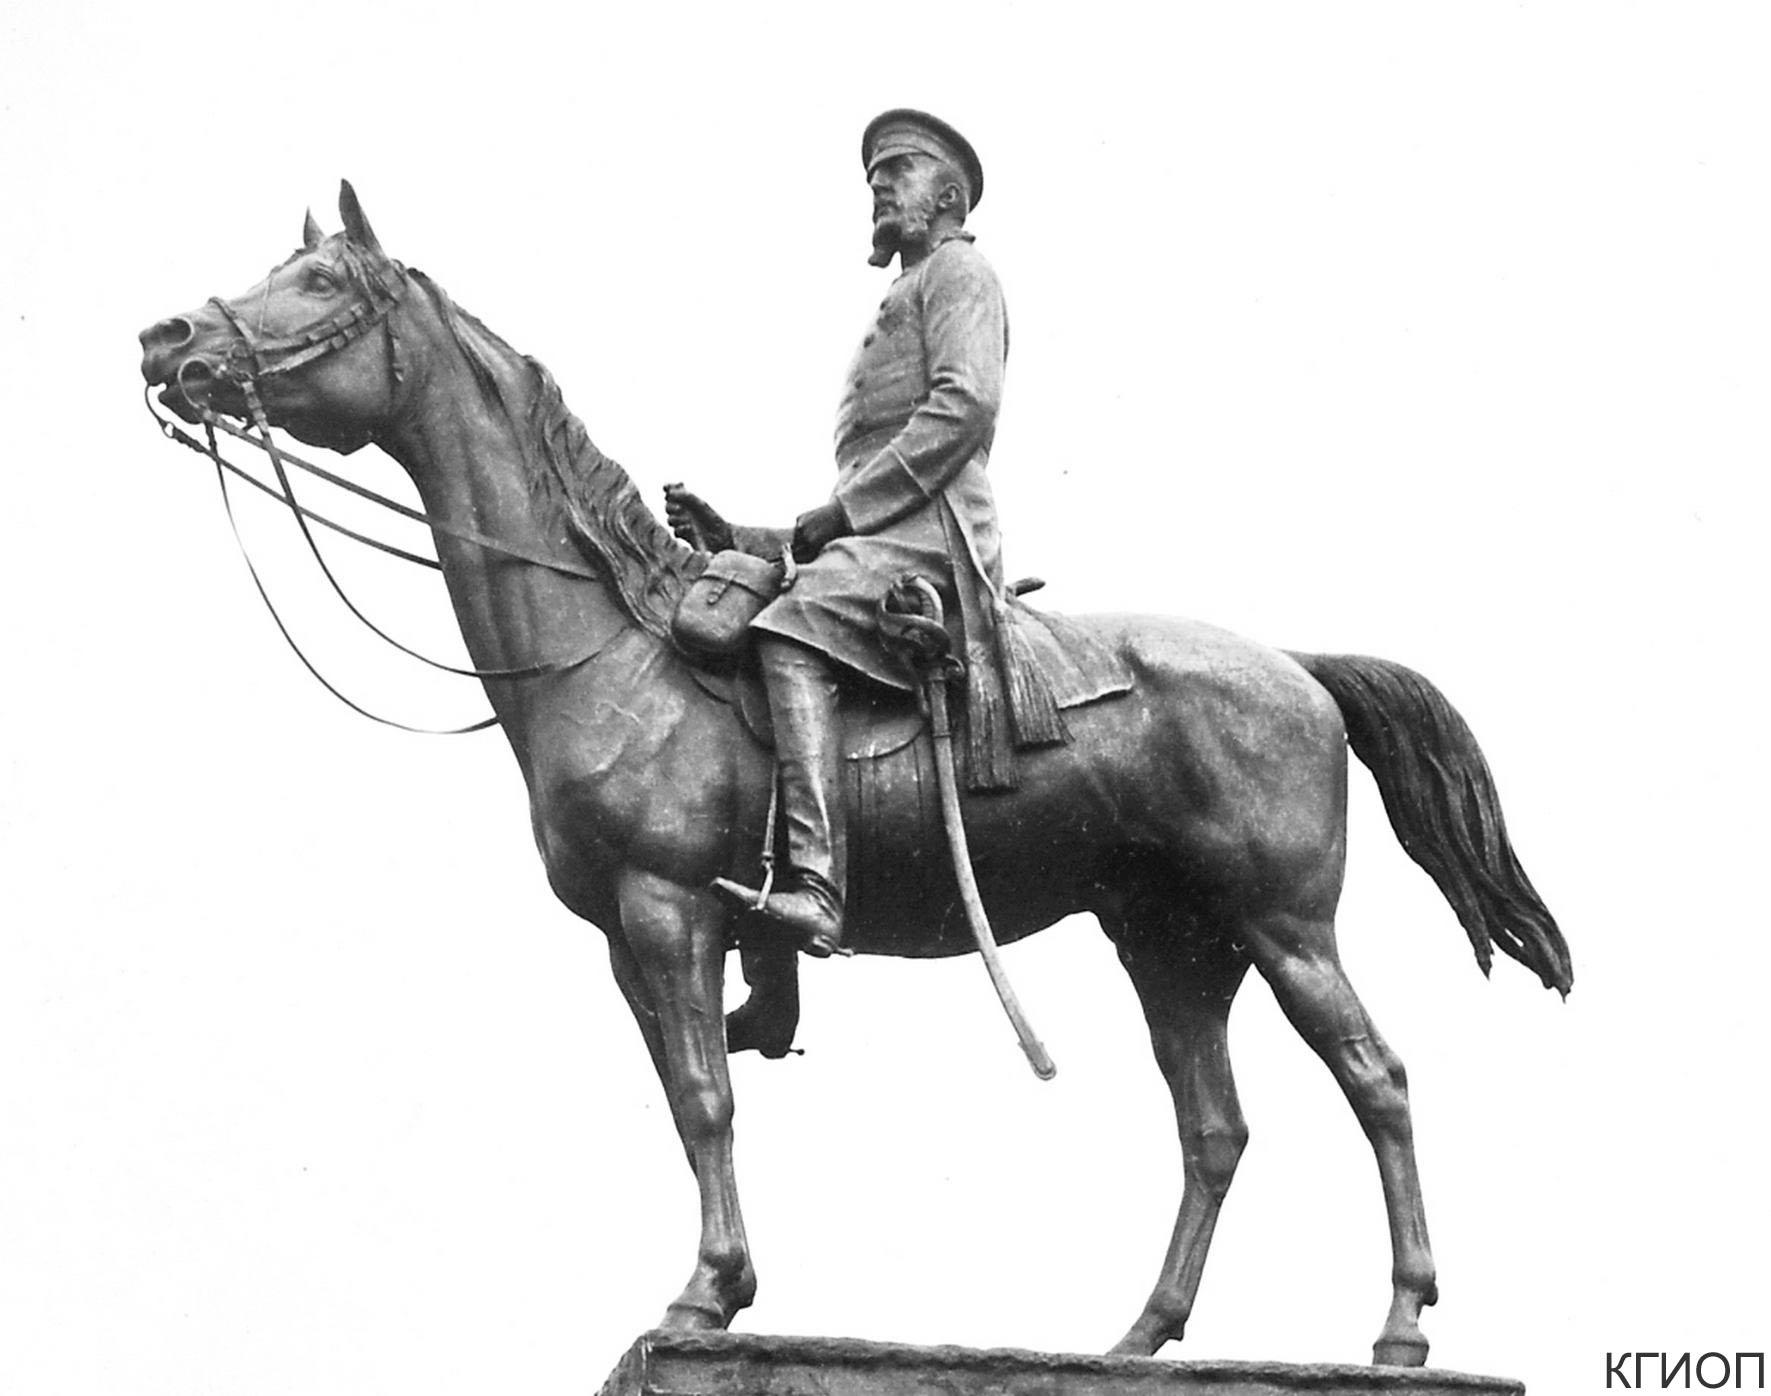 18. Памятник великому князю Николаю Николаевичу на Манежной площади. 1915